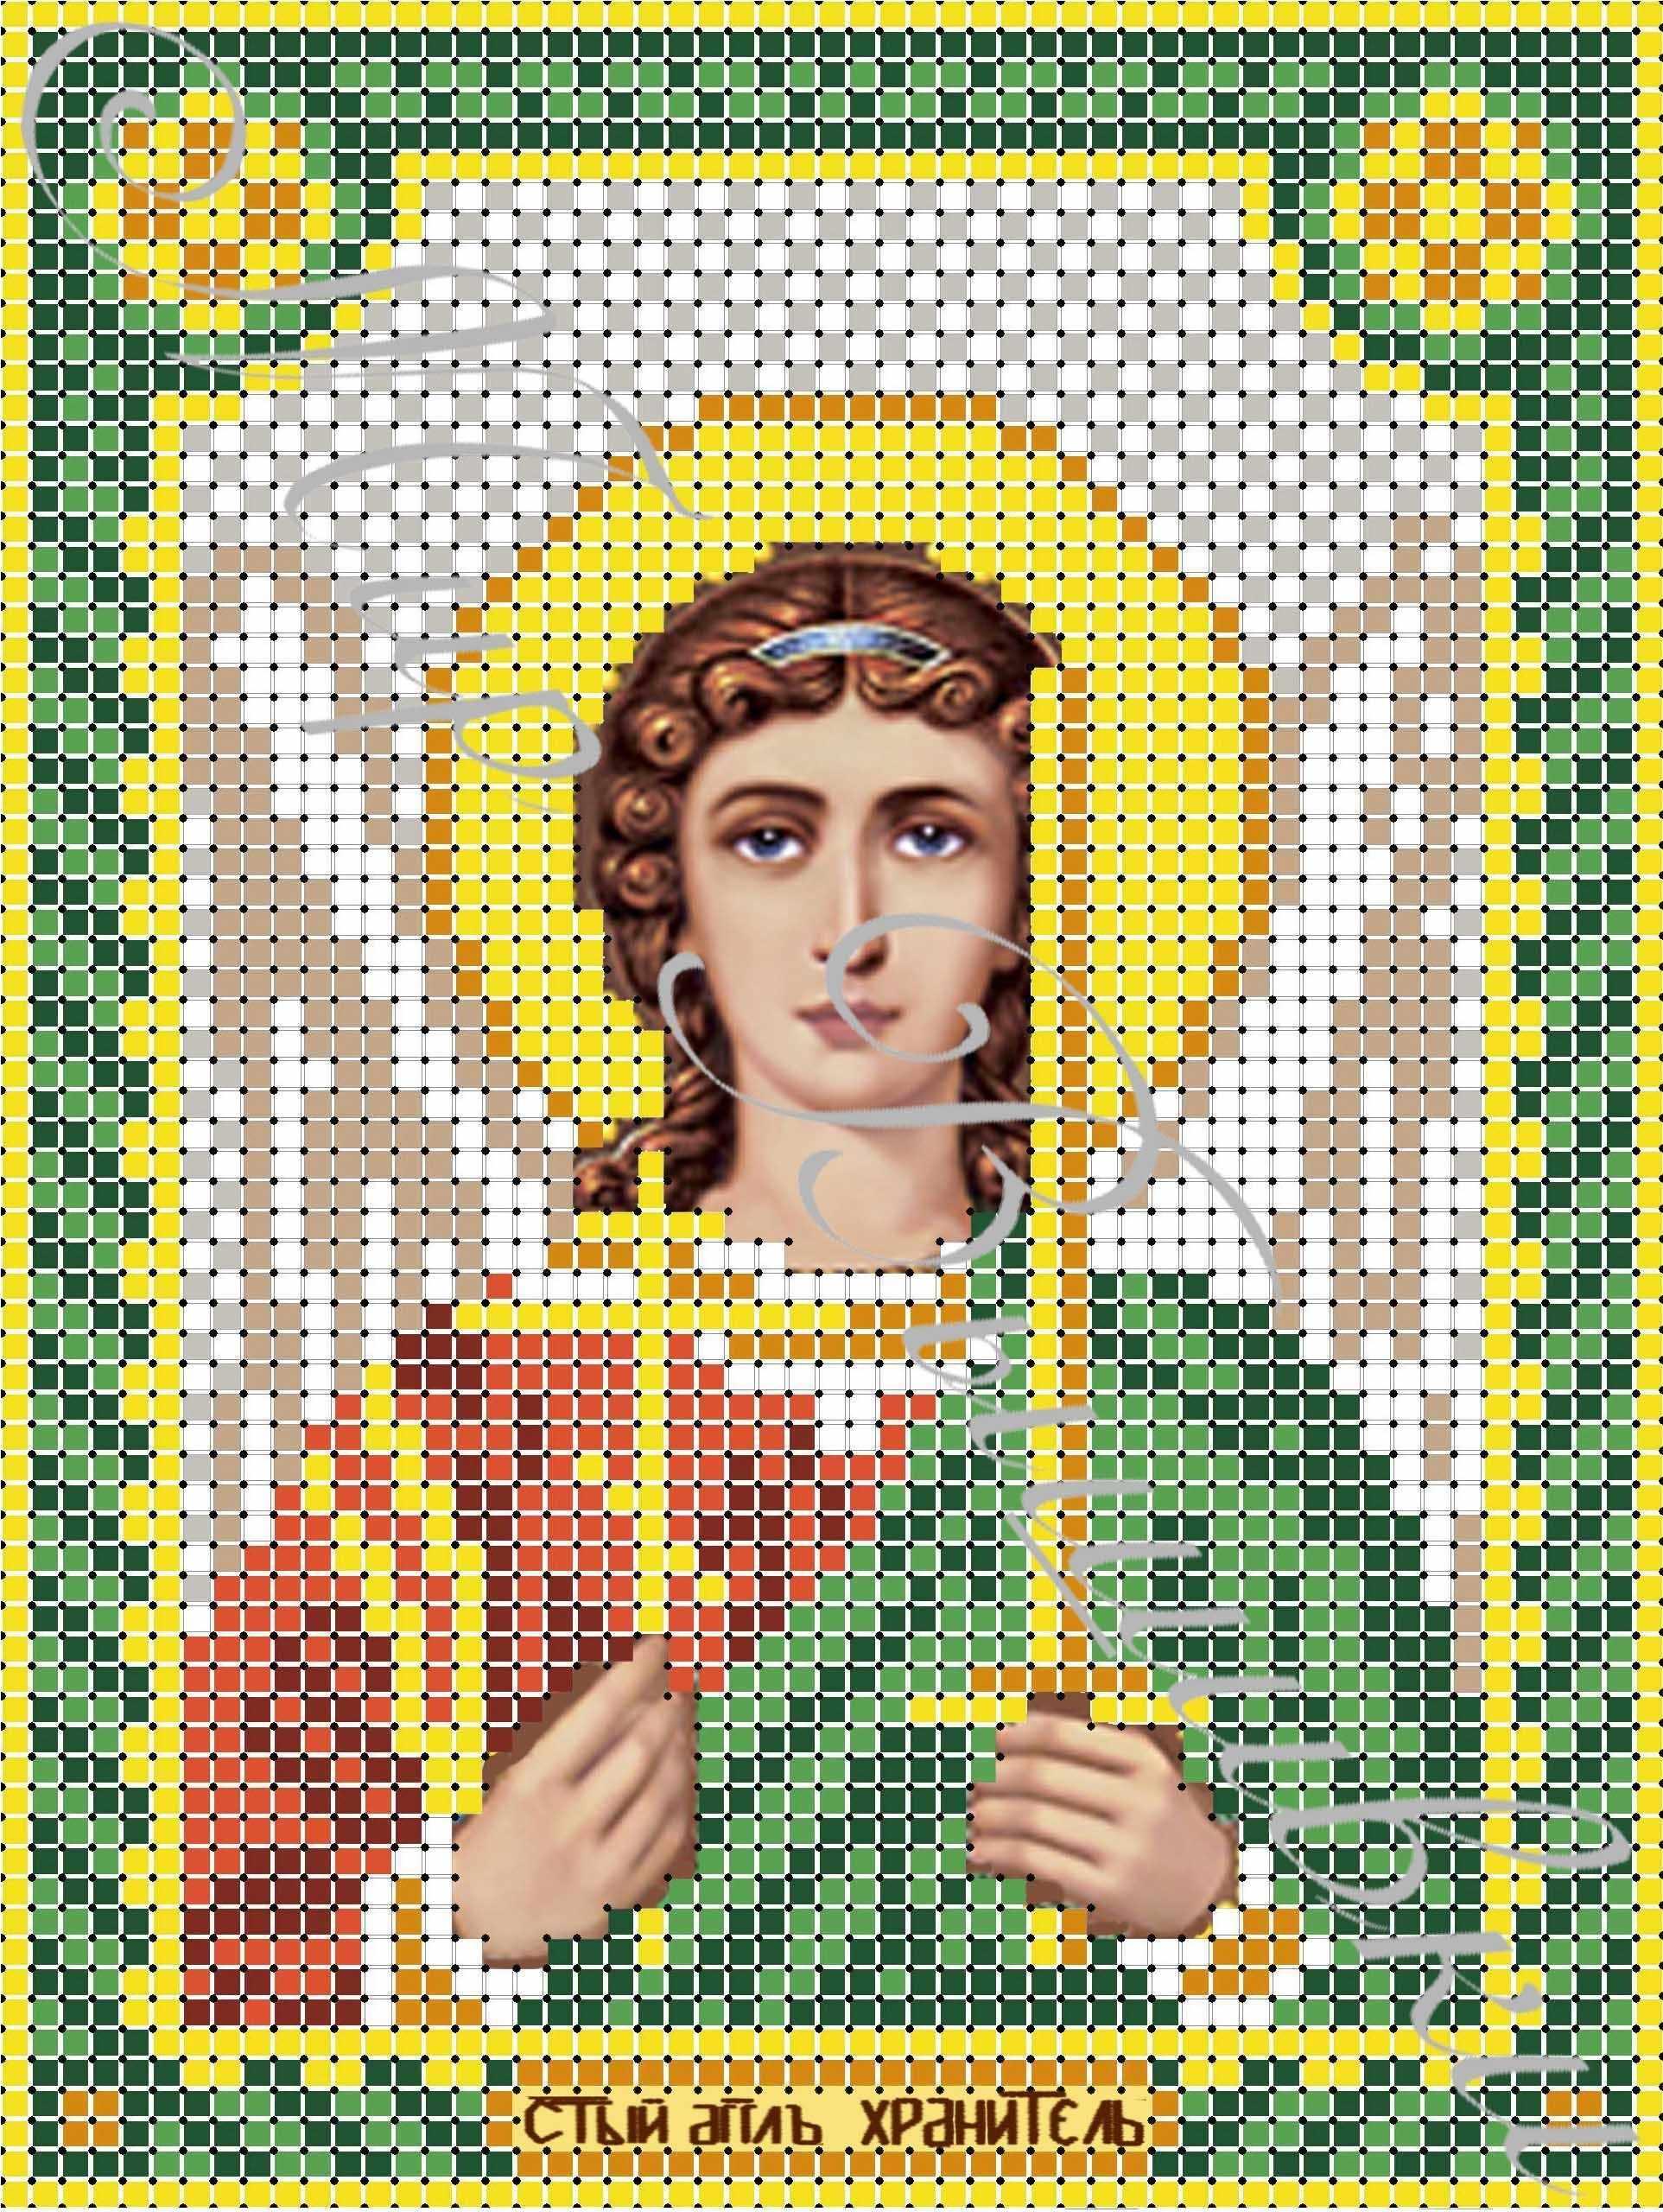 ДА5-005 Ангел Хранитель - схема для вышивания (Наследие)